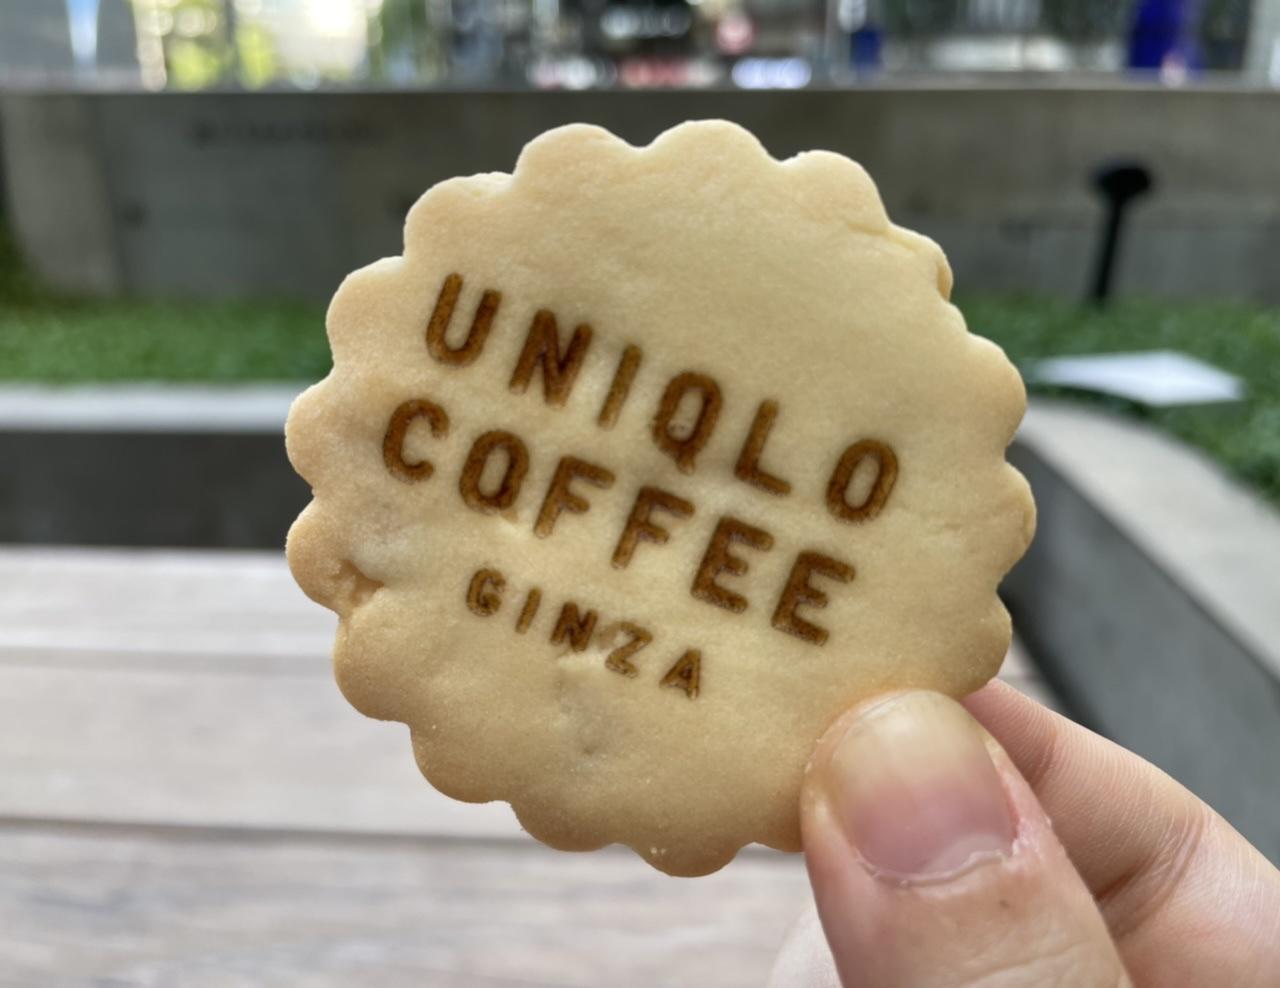 ユニクロコーヒーで購入できる銀座ウエストのバタークッキー